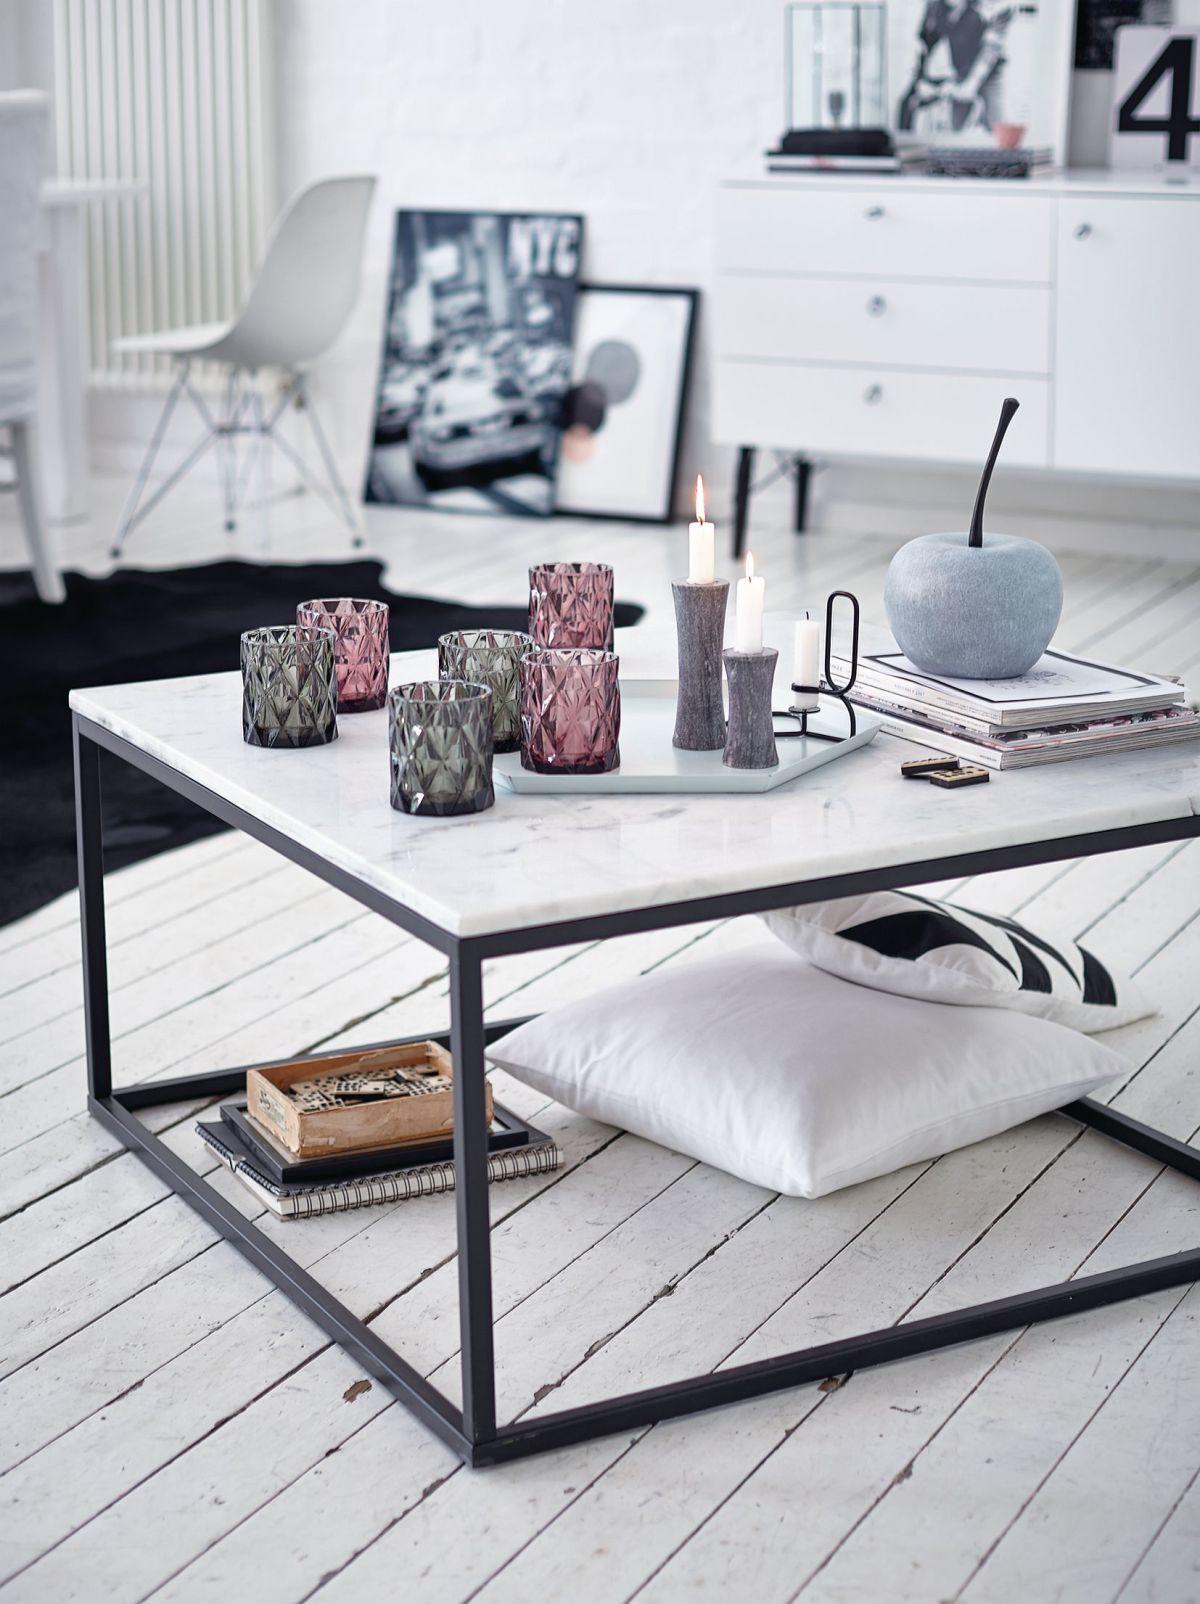 die besten 25 couchtisch marmor ideen auf pinterest marmor couchtische marmor und grauen h usern. Black Bedroom Furniture Sets. Home Design Ideas